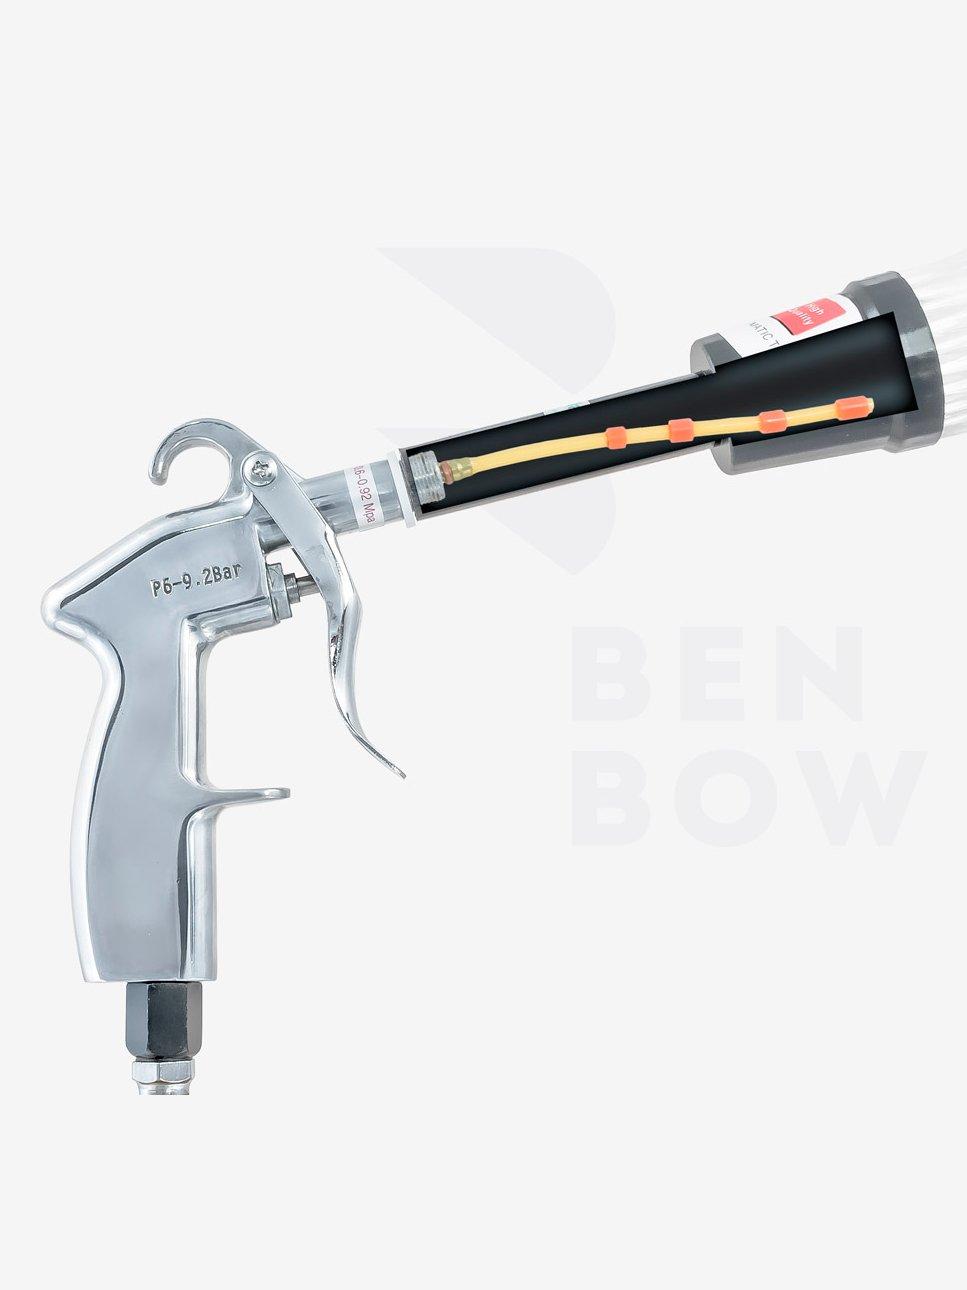 08 04 5/x Rouge Tuyau pour pistolet de nettoyage Benbow 02 03 09